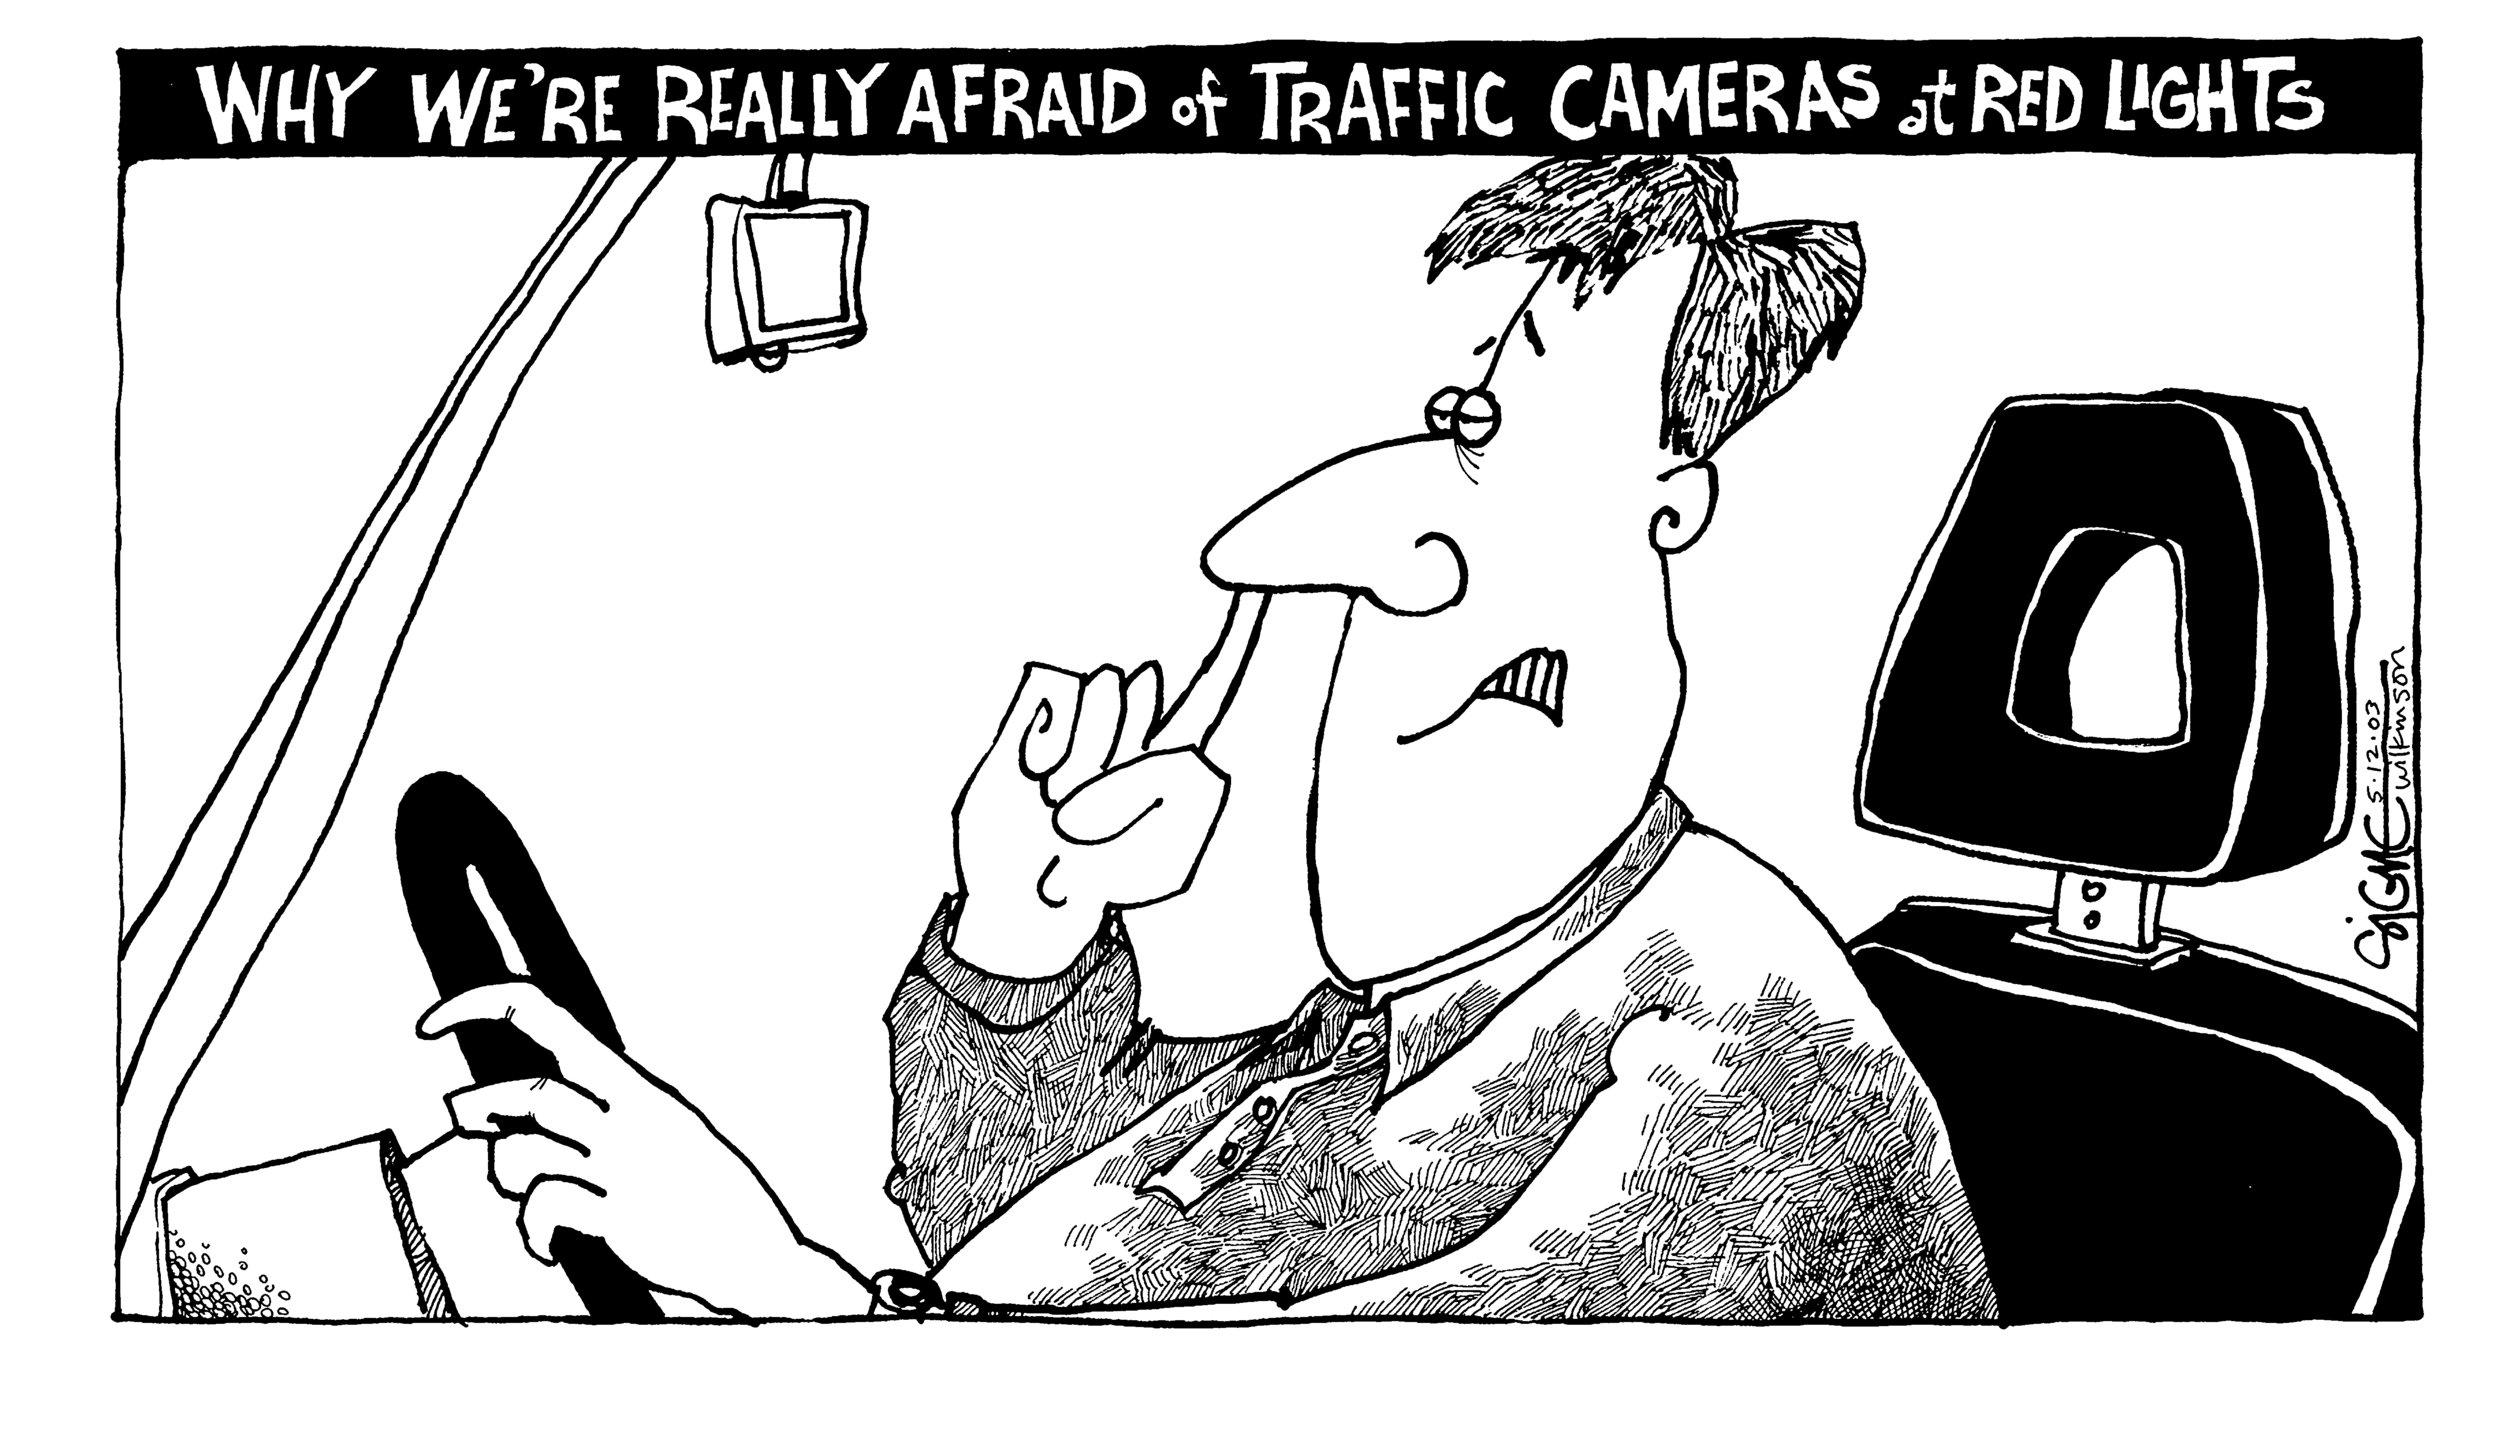 6. 5-12-03 Red Light Cameras.jpg